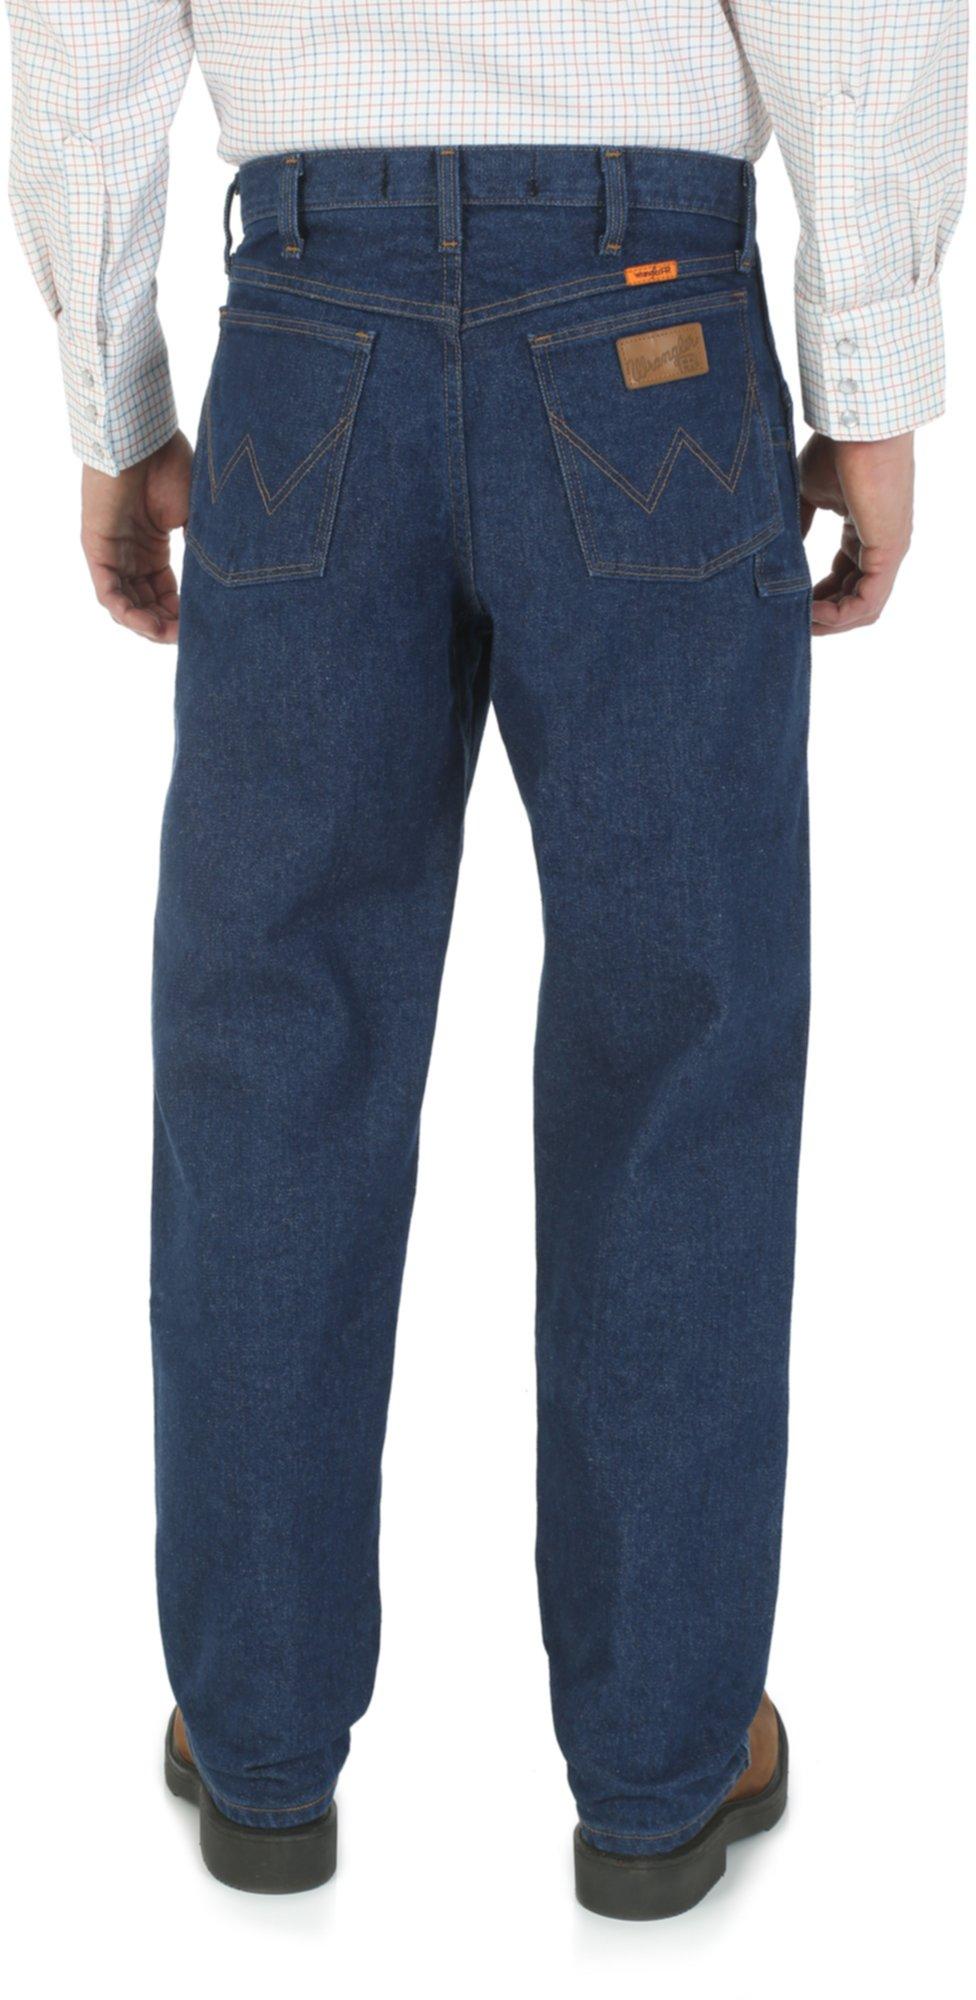 Огнестойкие расслабленные джинсы Fit Cowboy Cut Wrangler